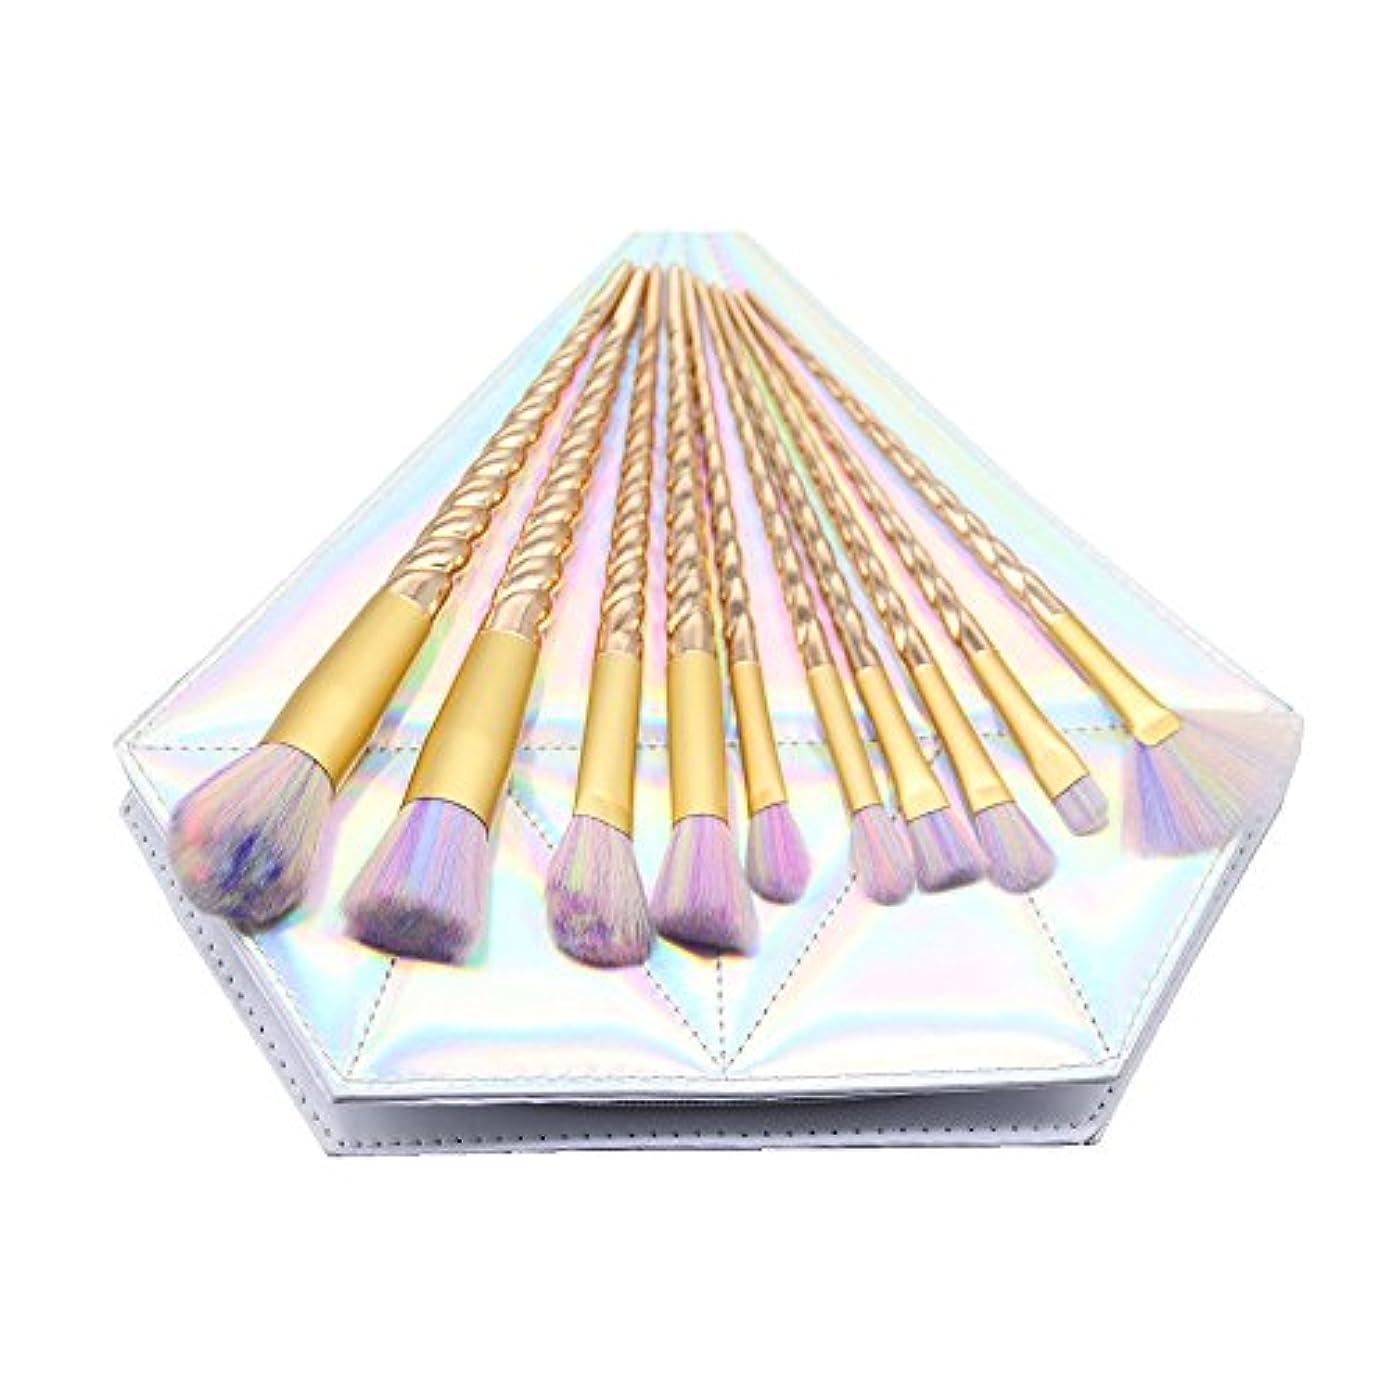 争い下品ルネッサンスDilla Beauty メイクブラシセット 10本セット ユニコーンデザイン プラスチックハンドル 合成毛 ファンデーションブラシ アイシャドーブラッシャー 美容ツール 化粧品のバッグ付き